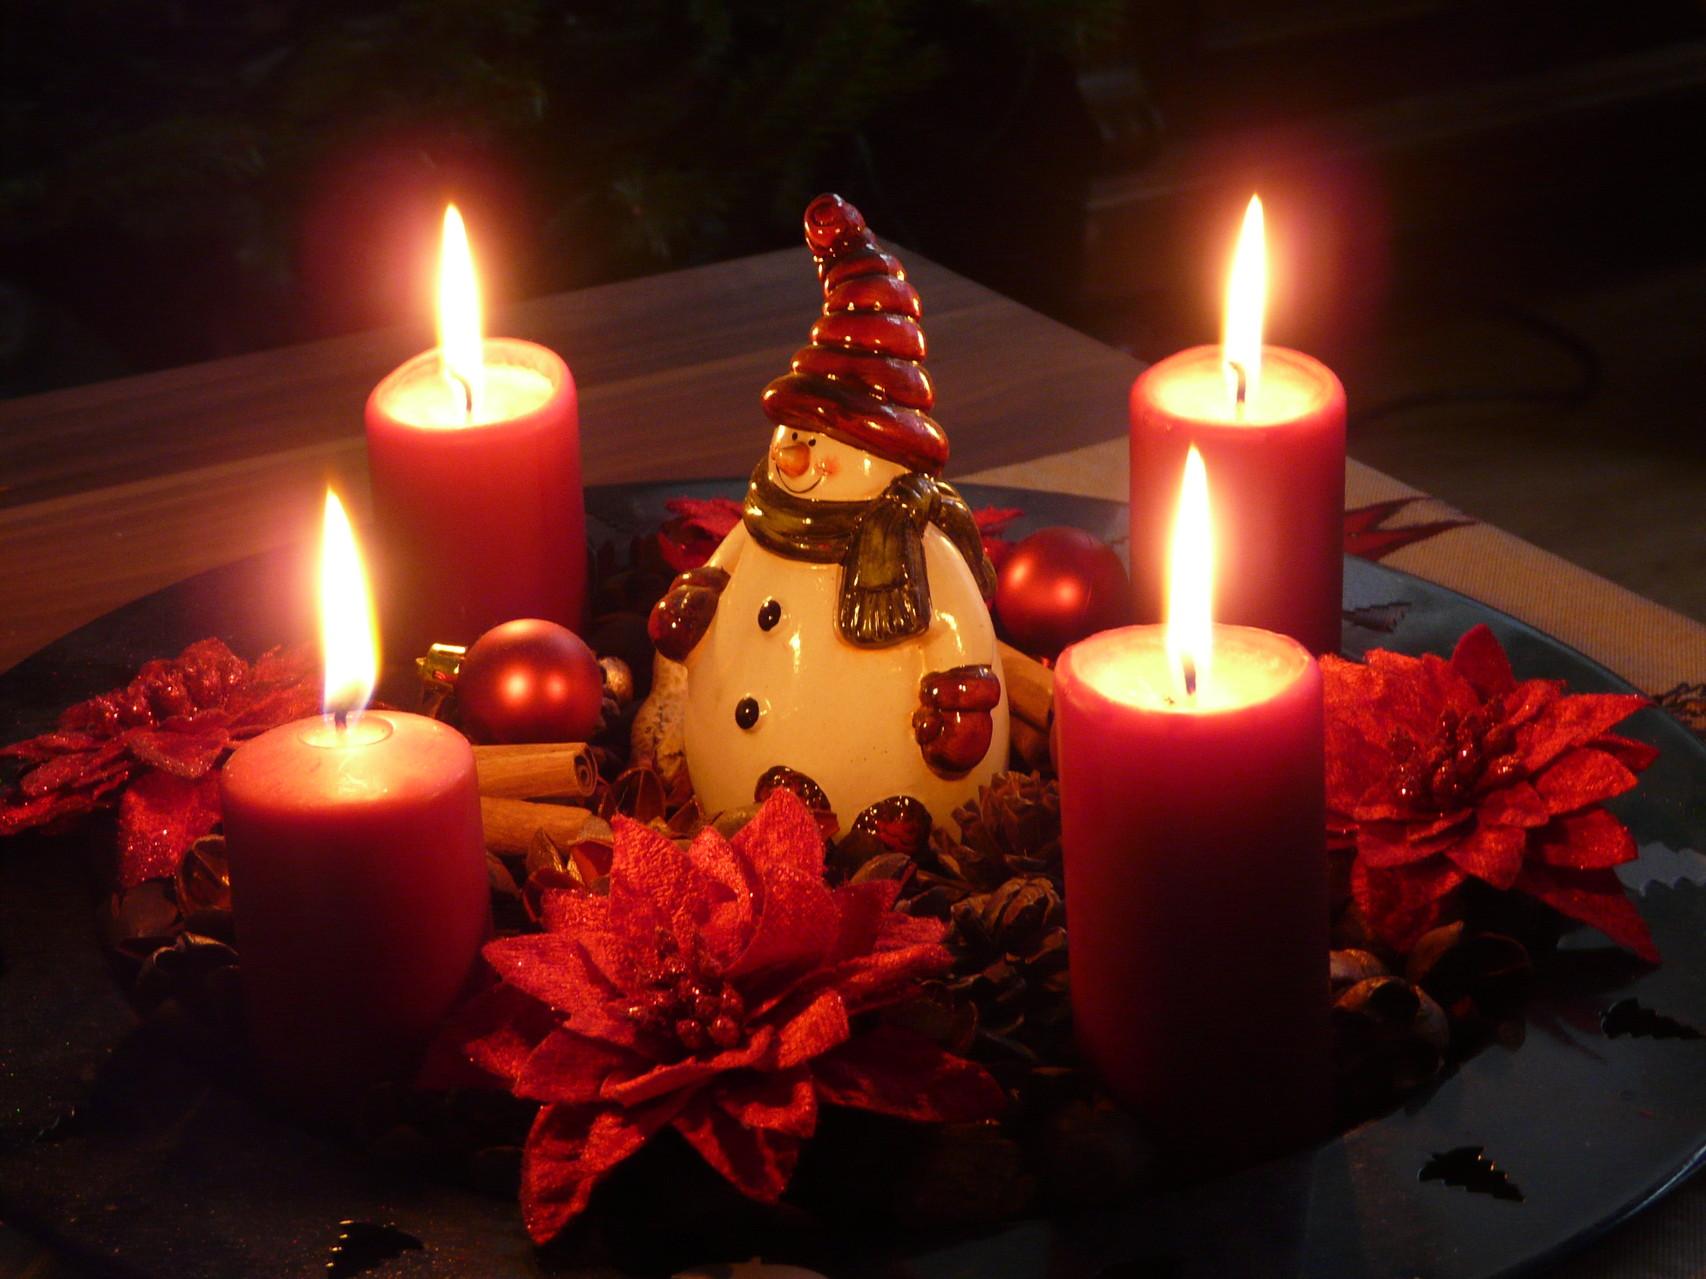 Warten auf Weihnachten -Foto: Silke Bogorinski 2013